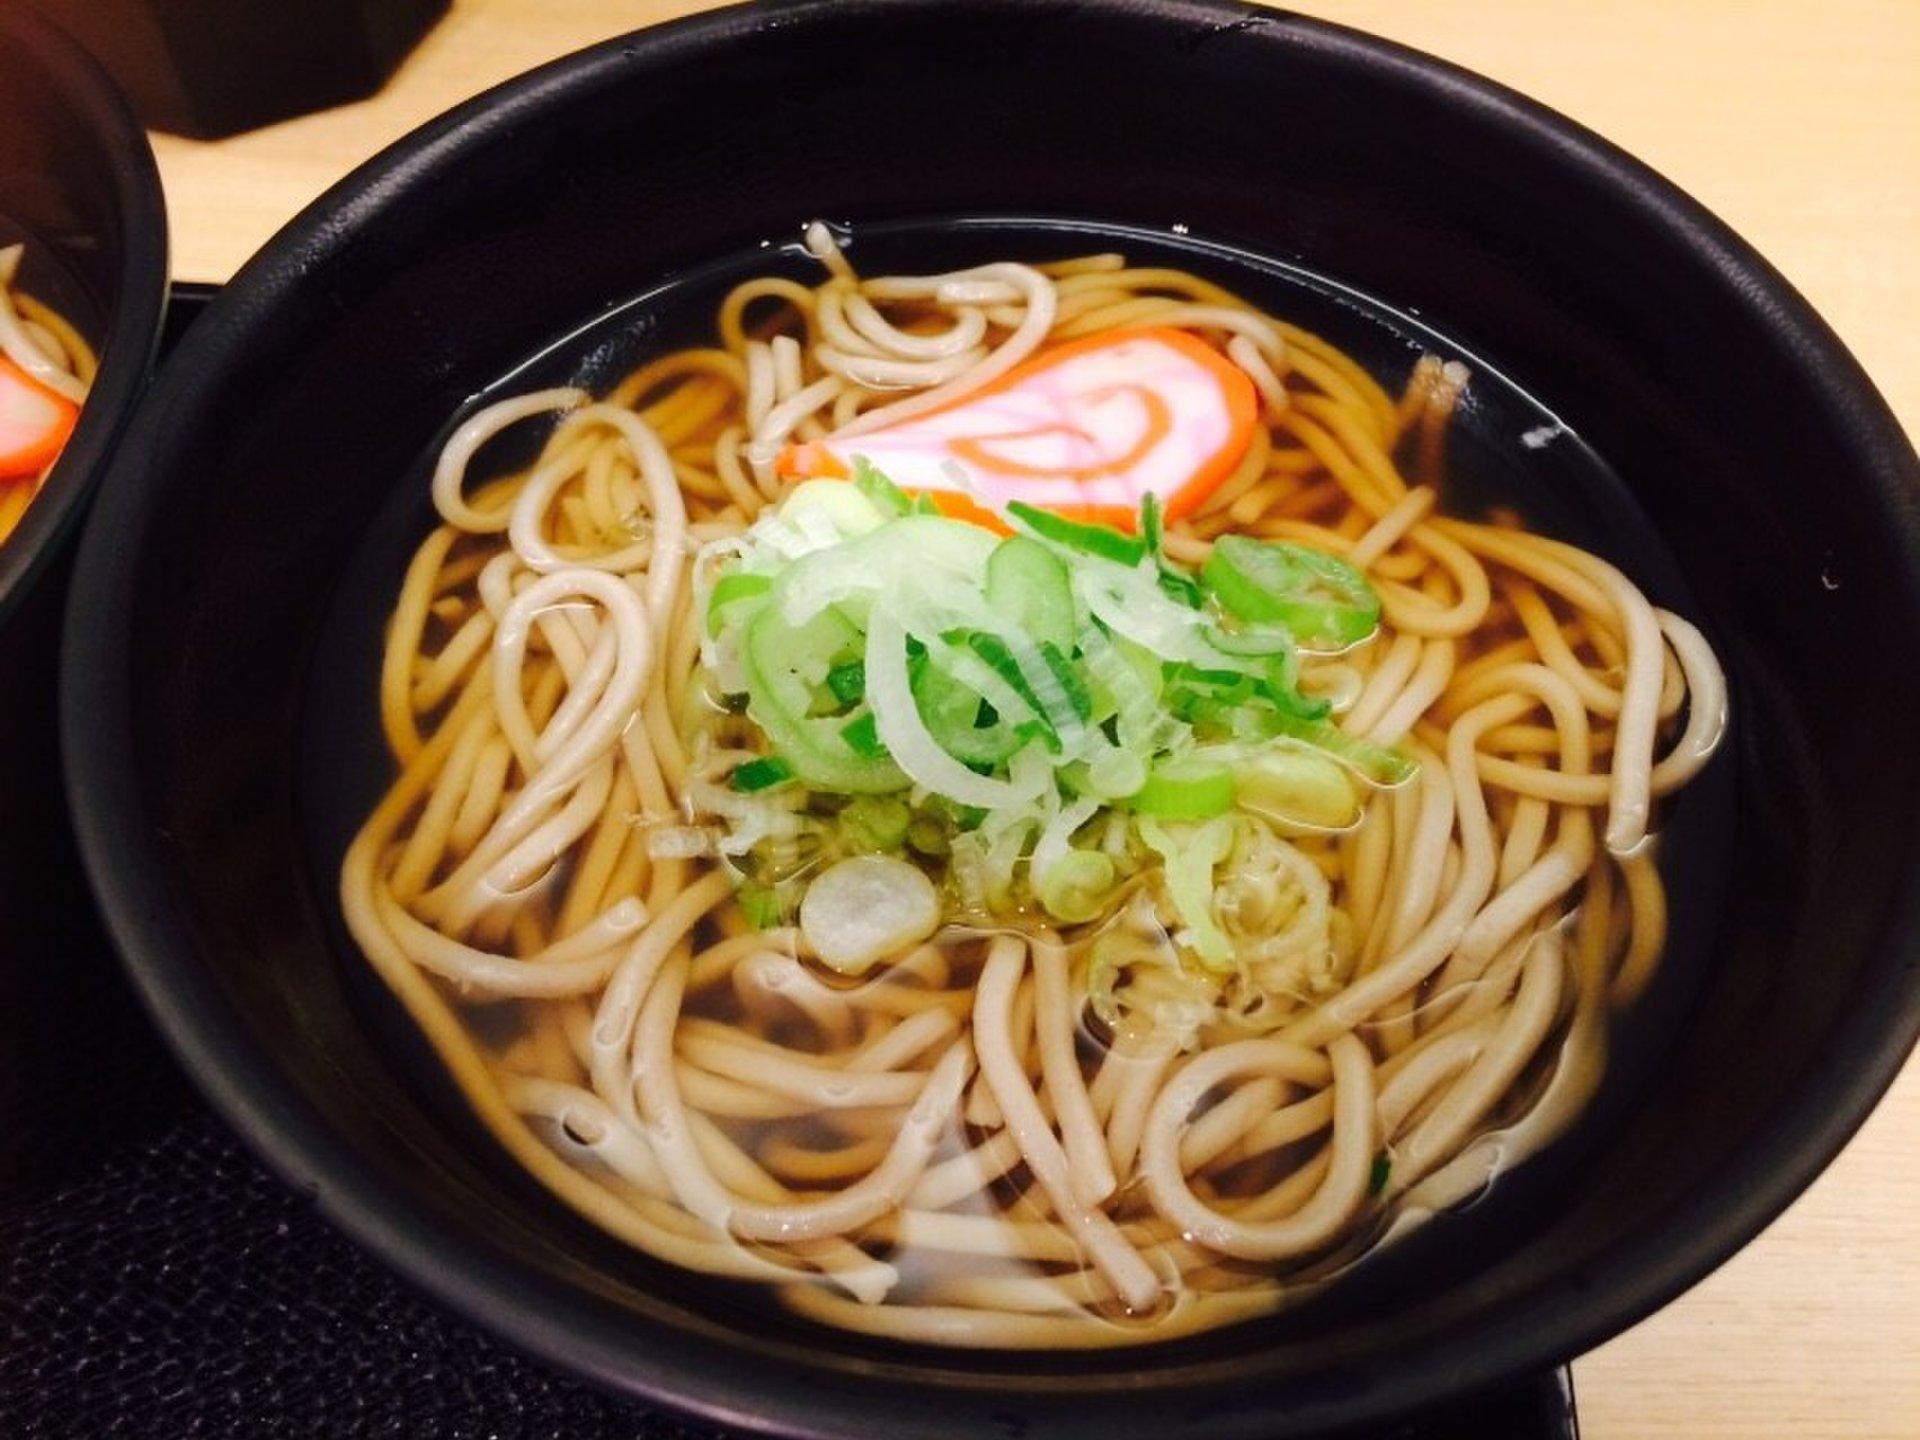 金沢駅でおすすめ蕎麦屋「白山そば」昔からの人気立ち食いそば屋♡